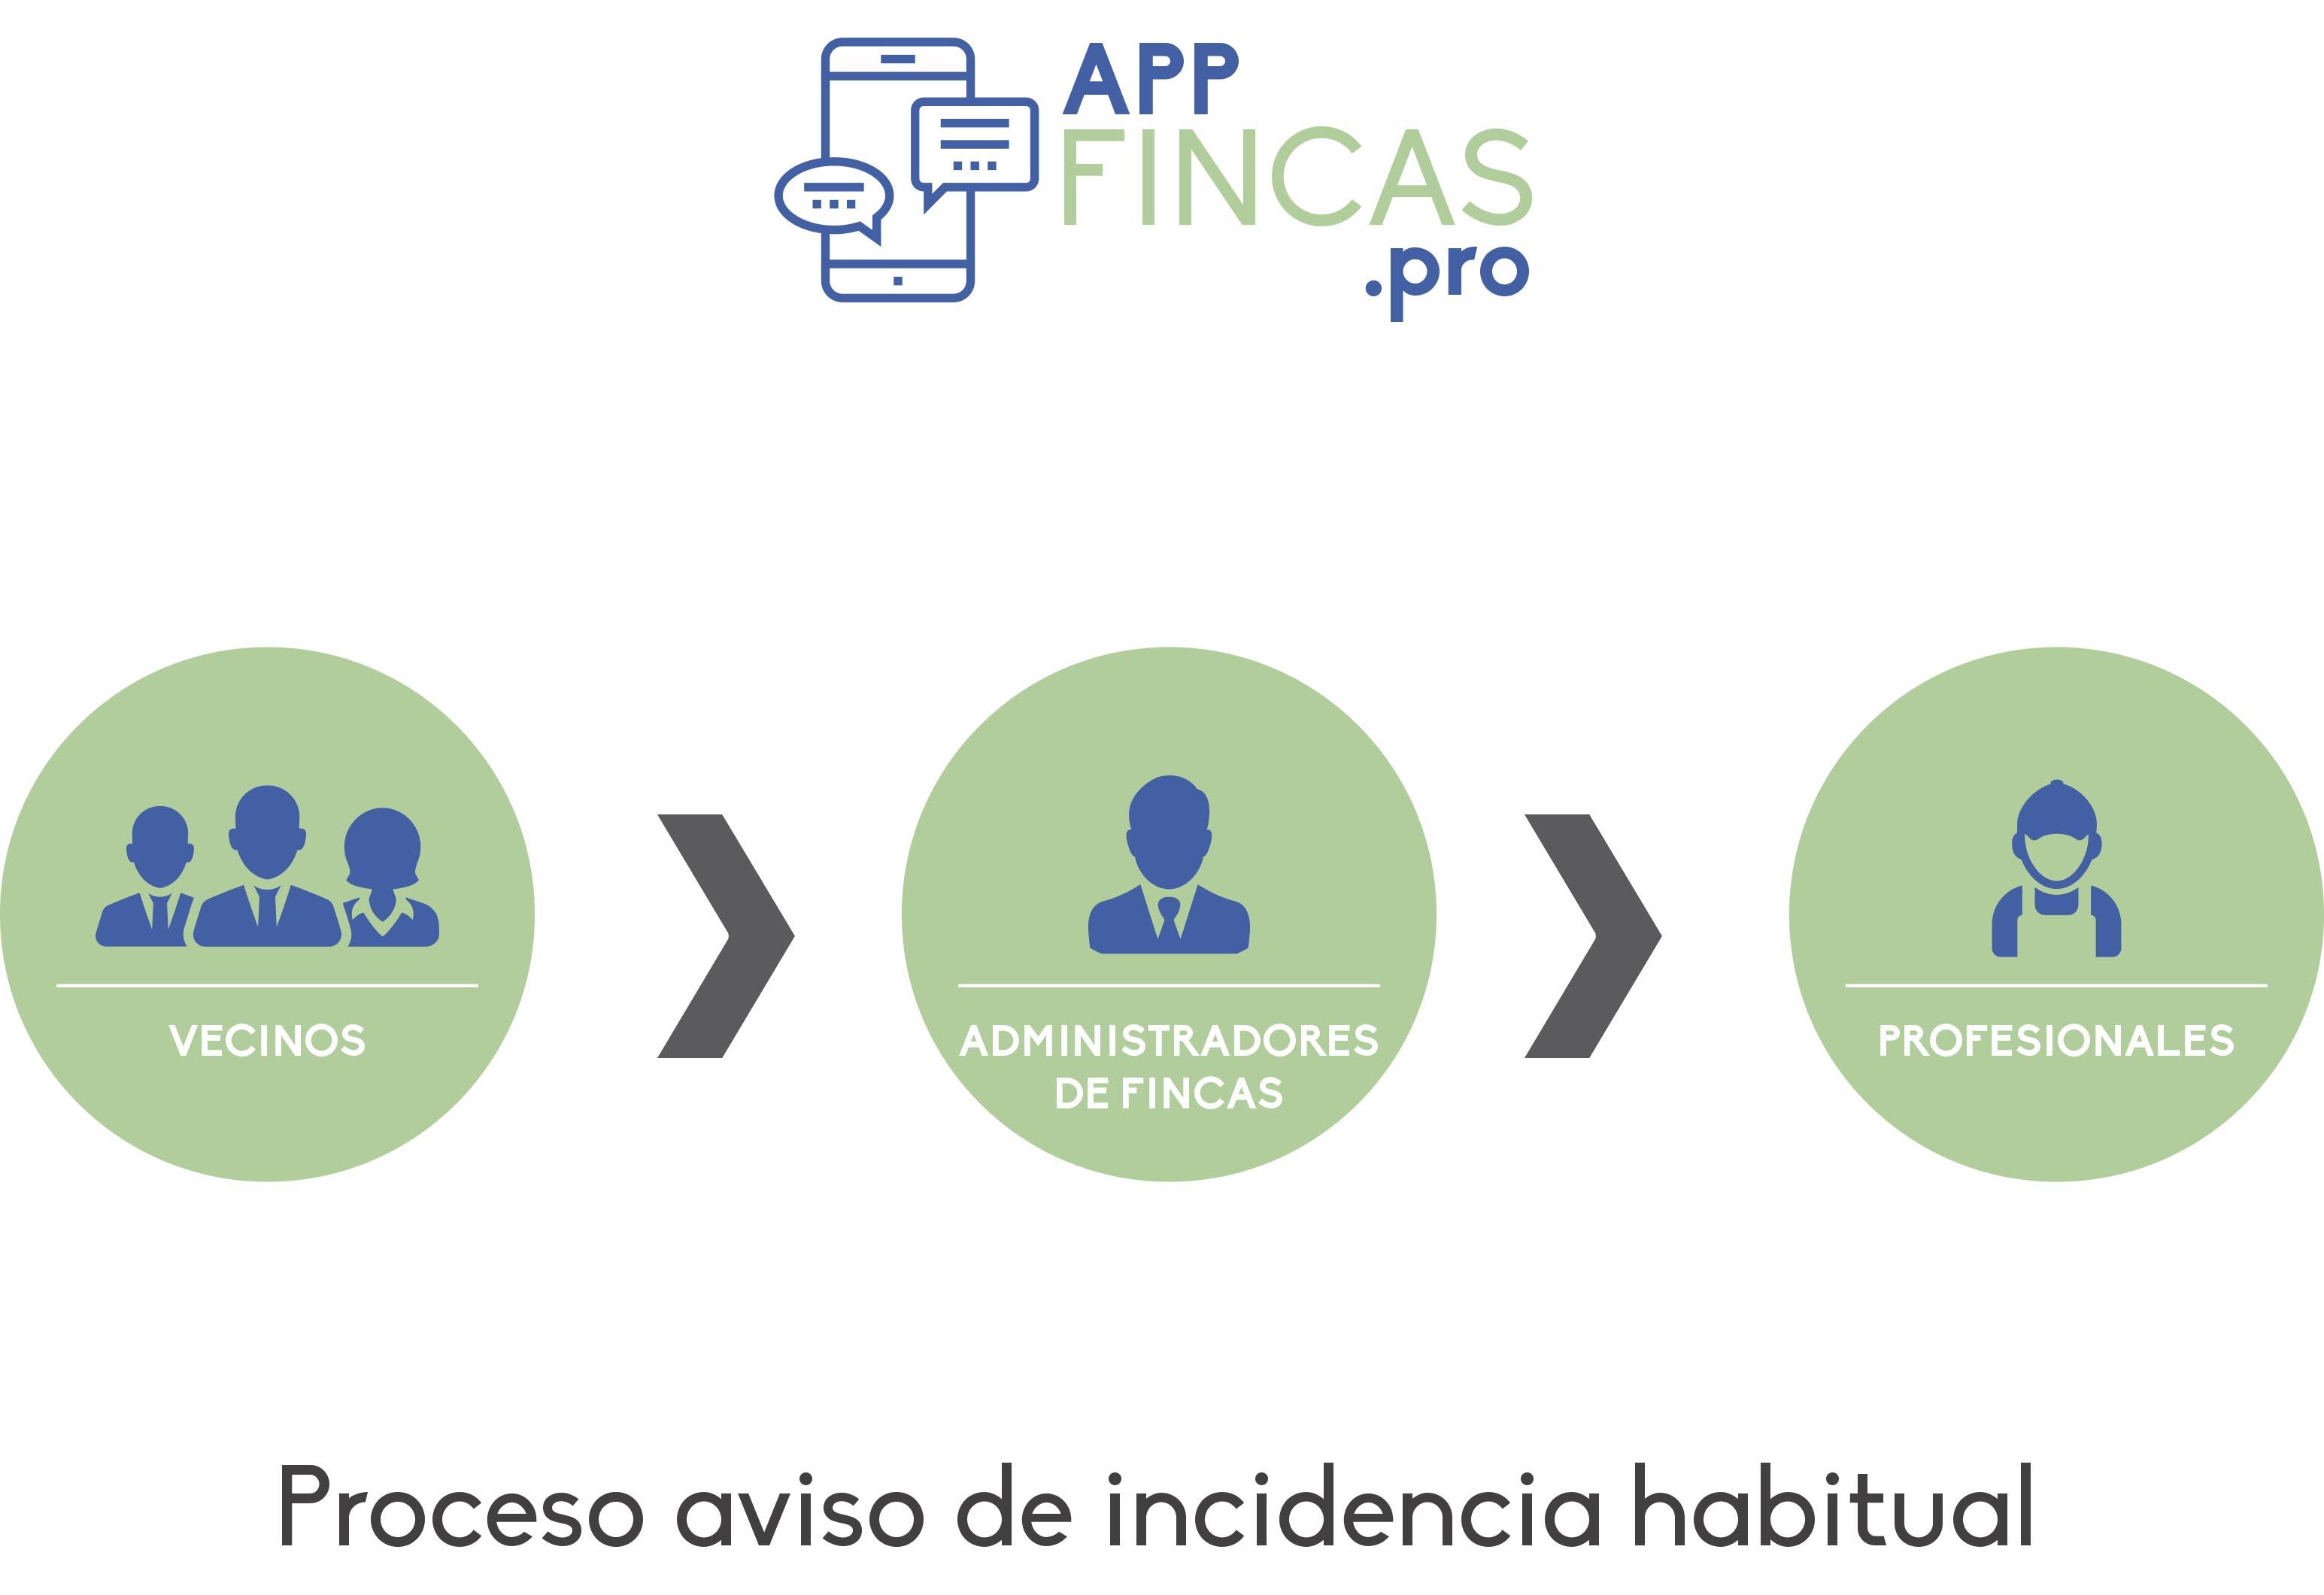 Administrar fincas con una app